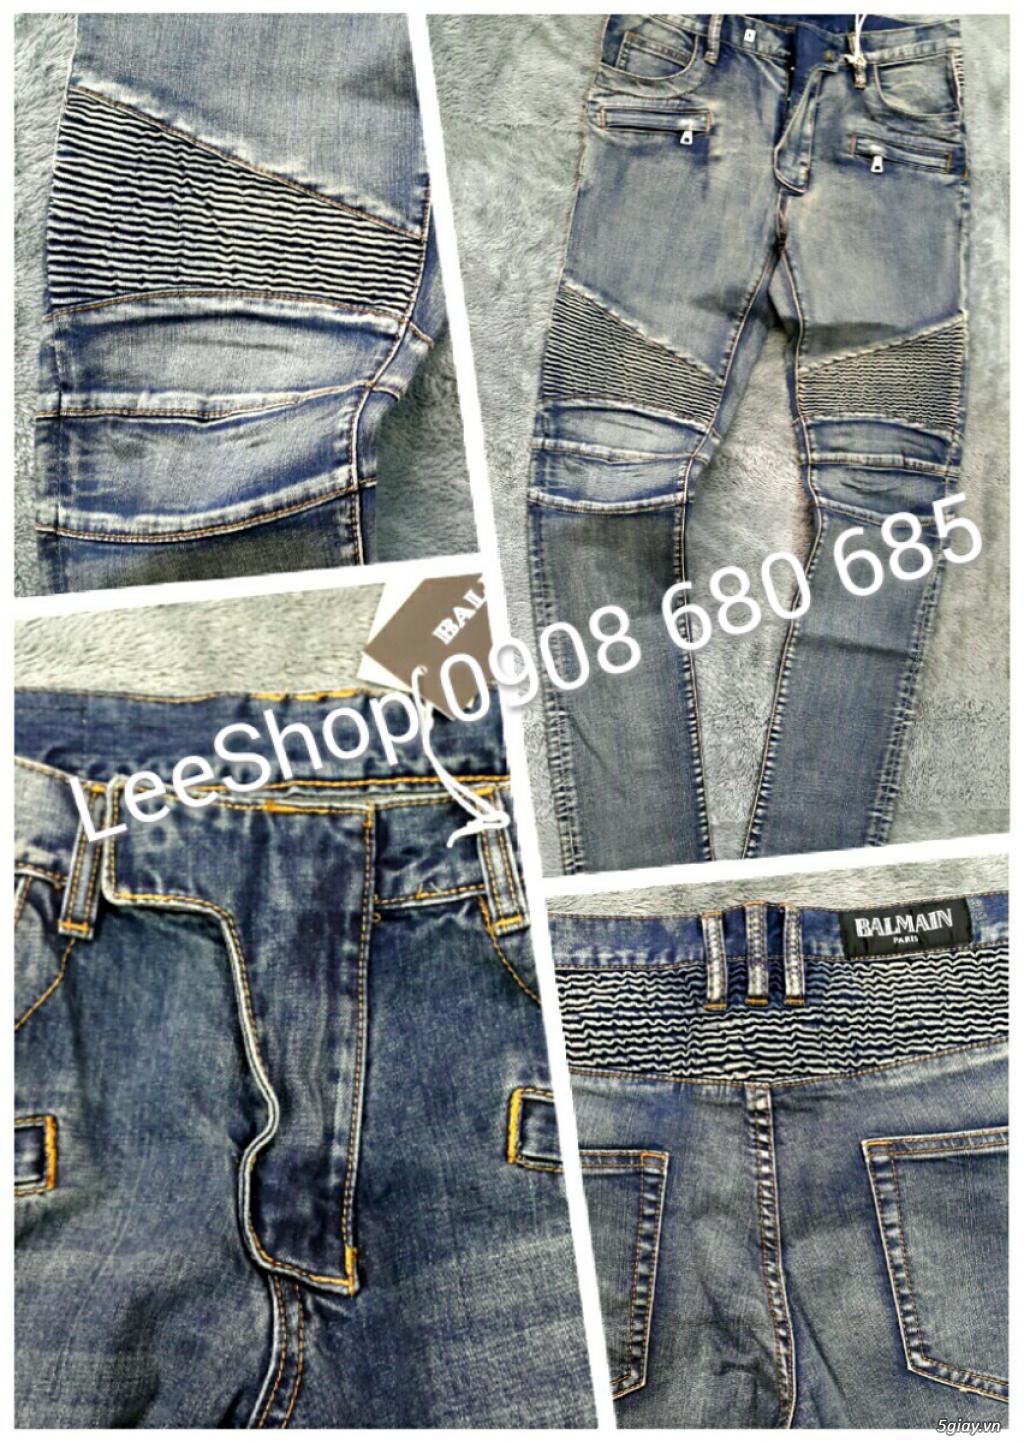 LeeShop_Chuyên quần áo thời trang - 16